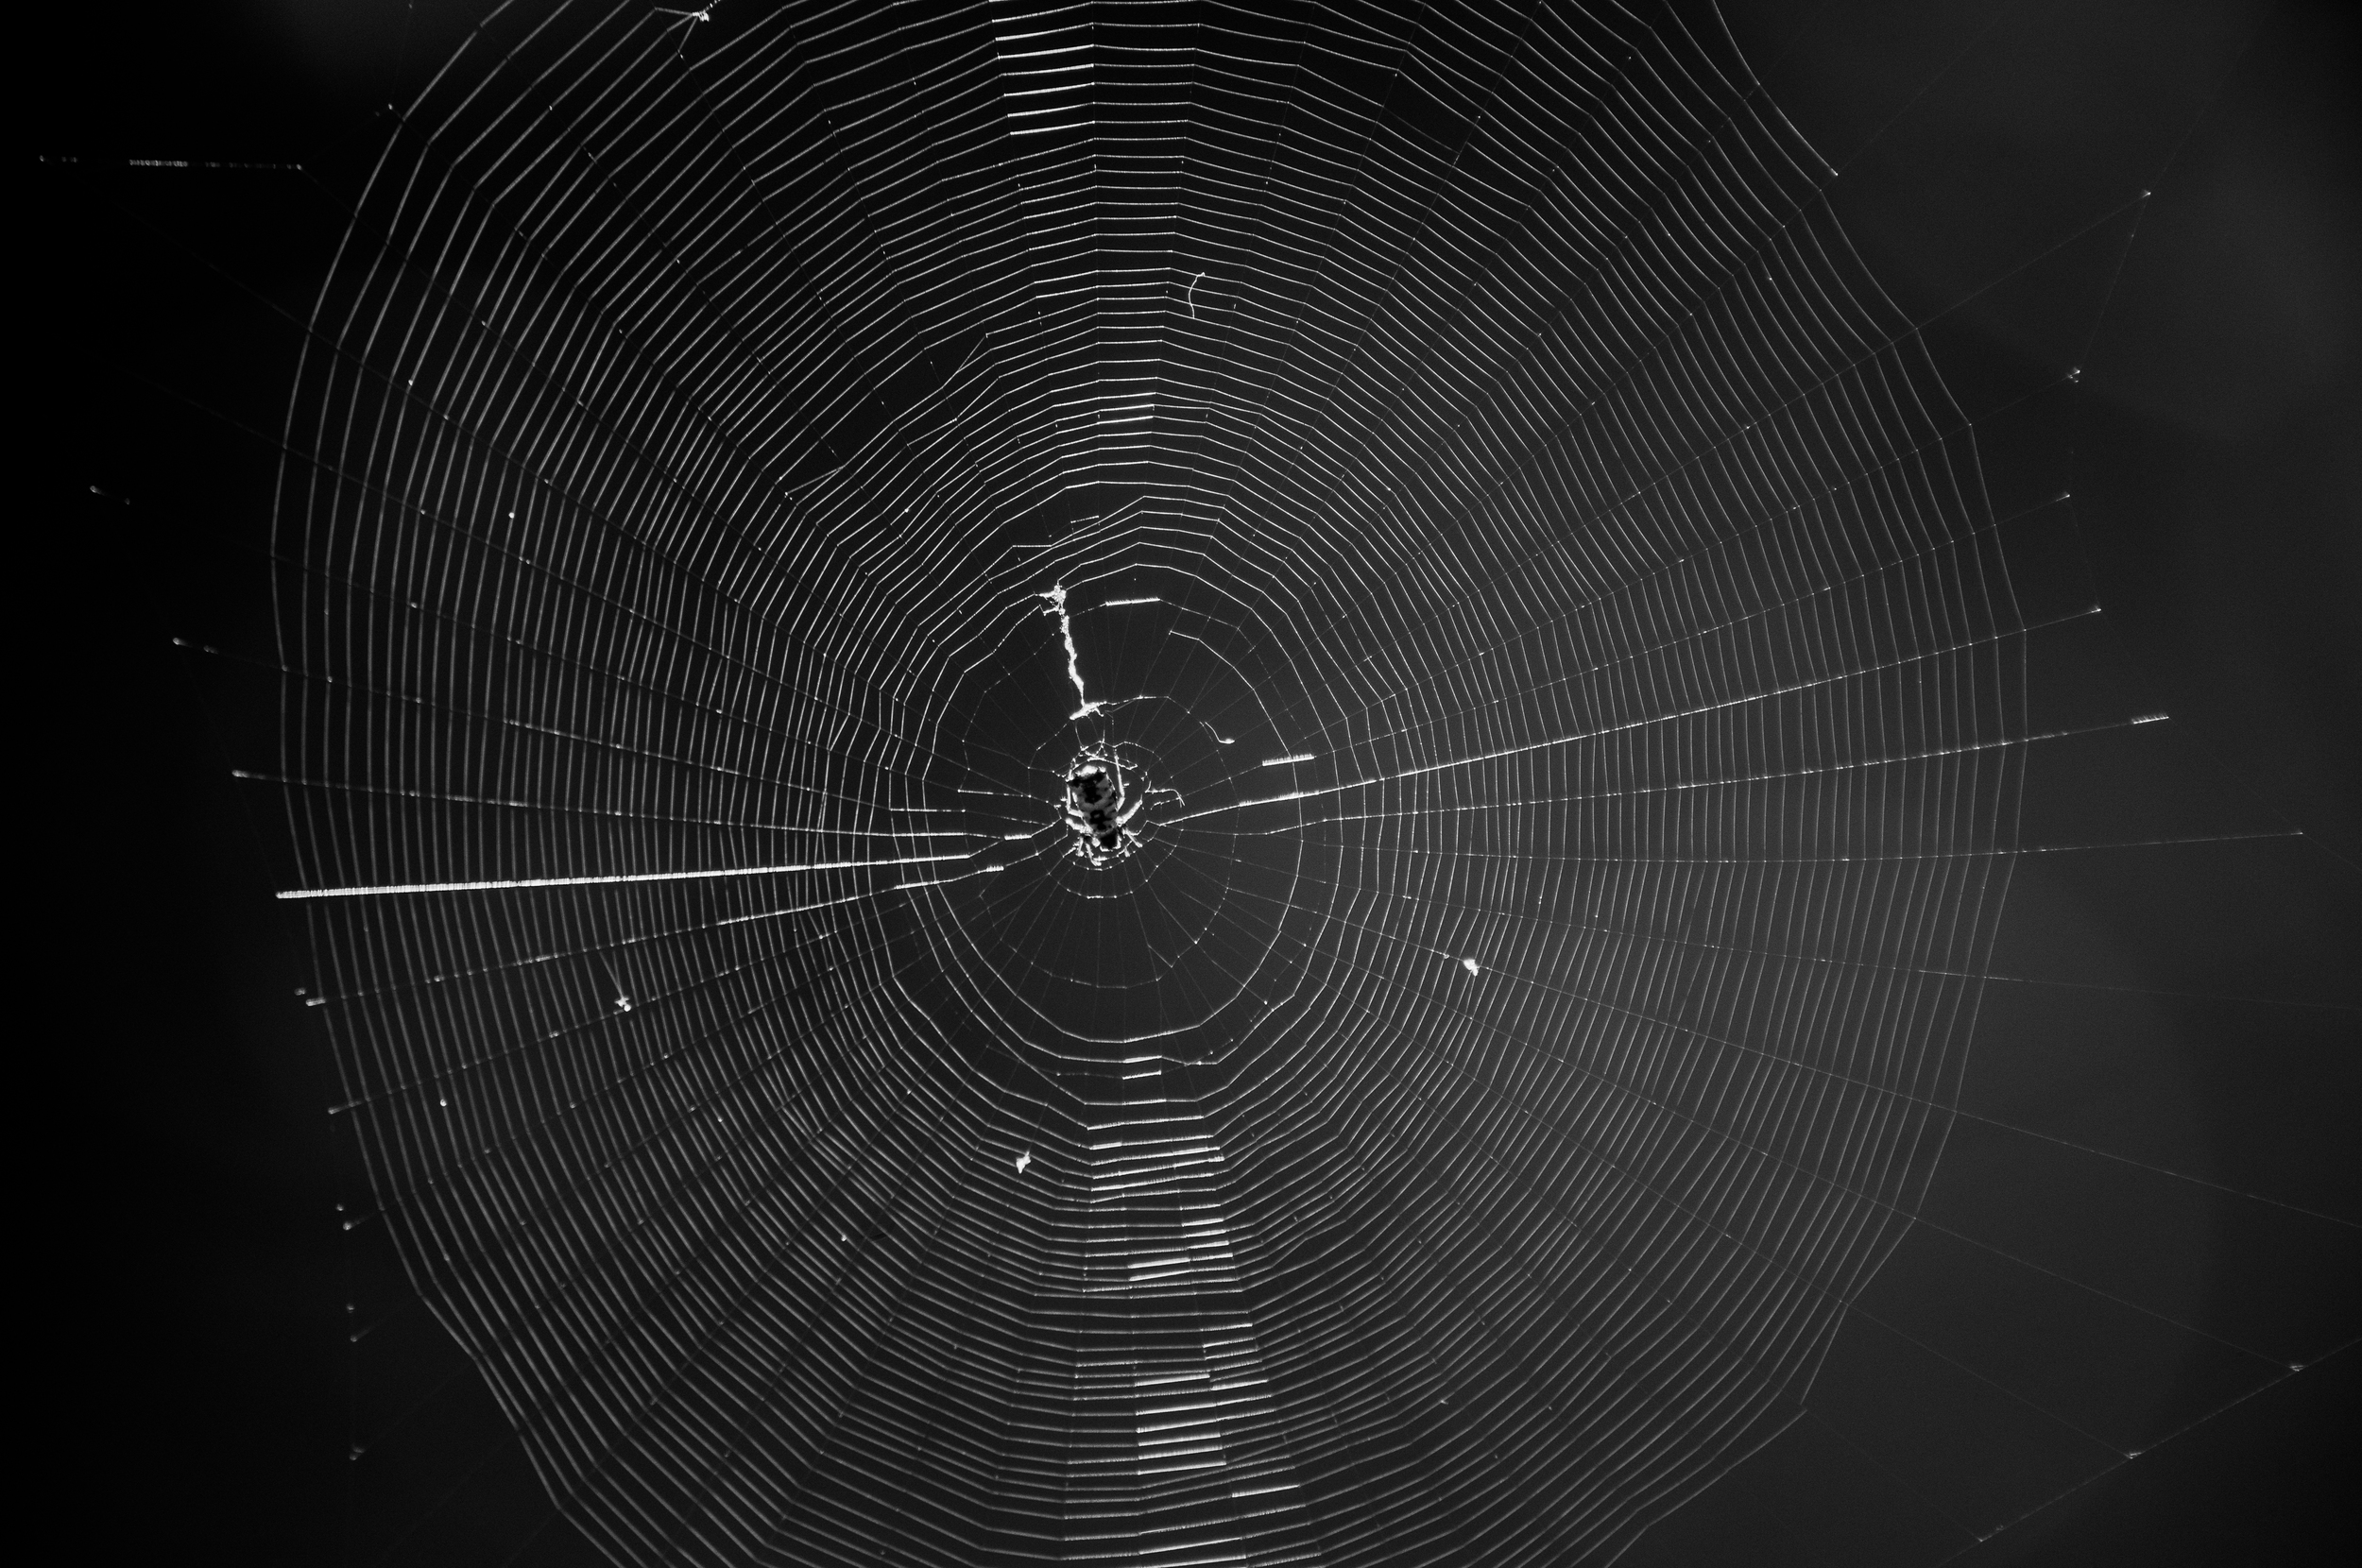 B&W Spider Web